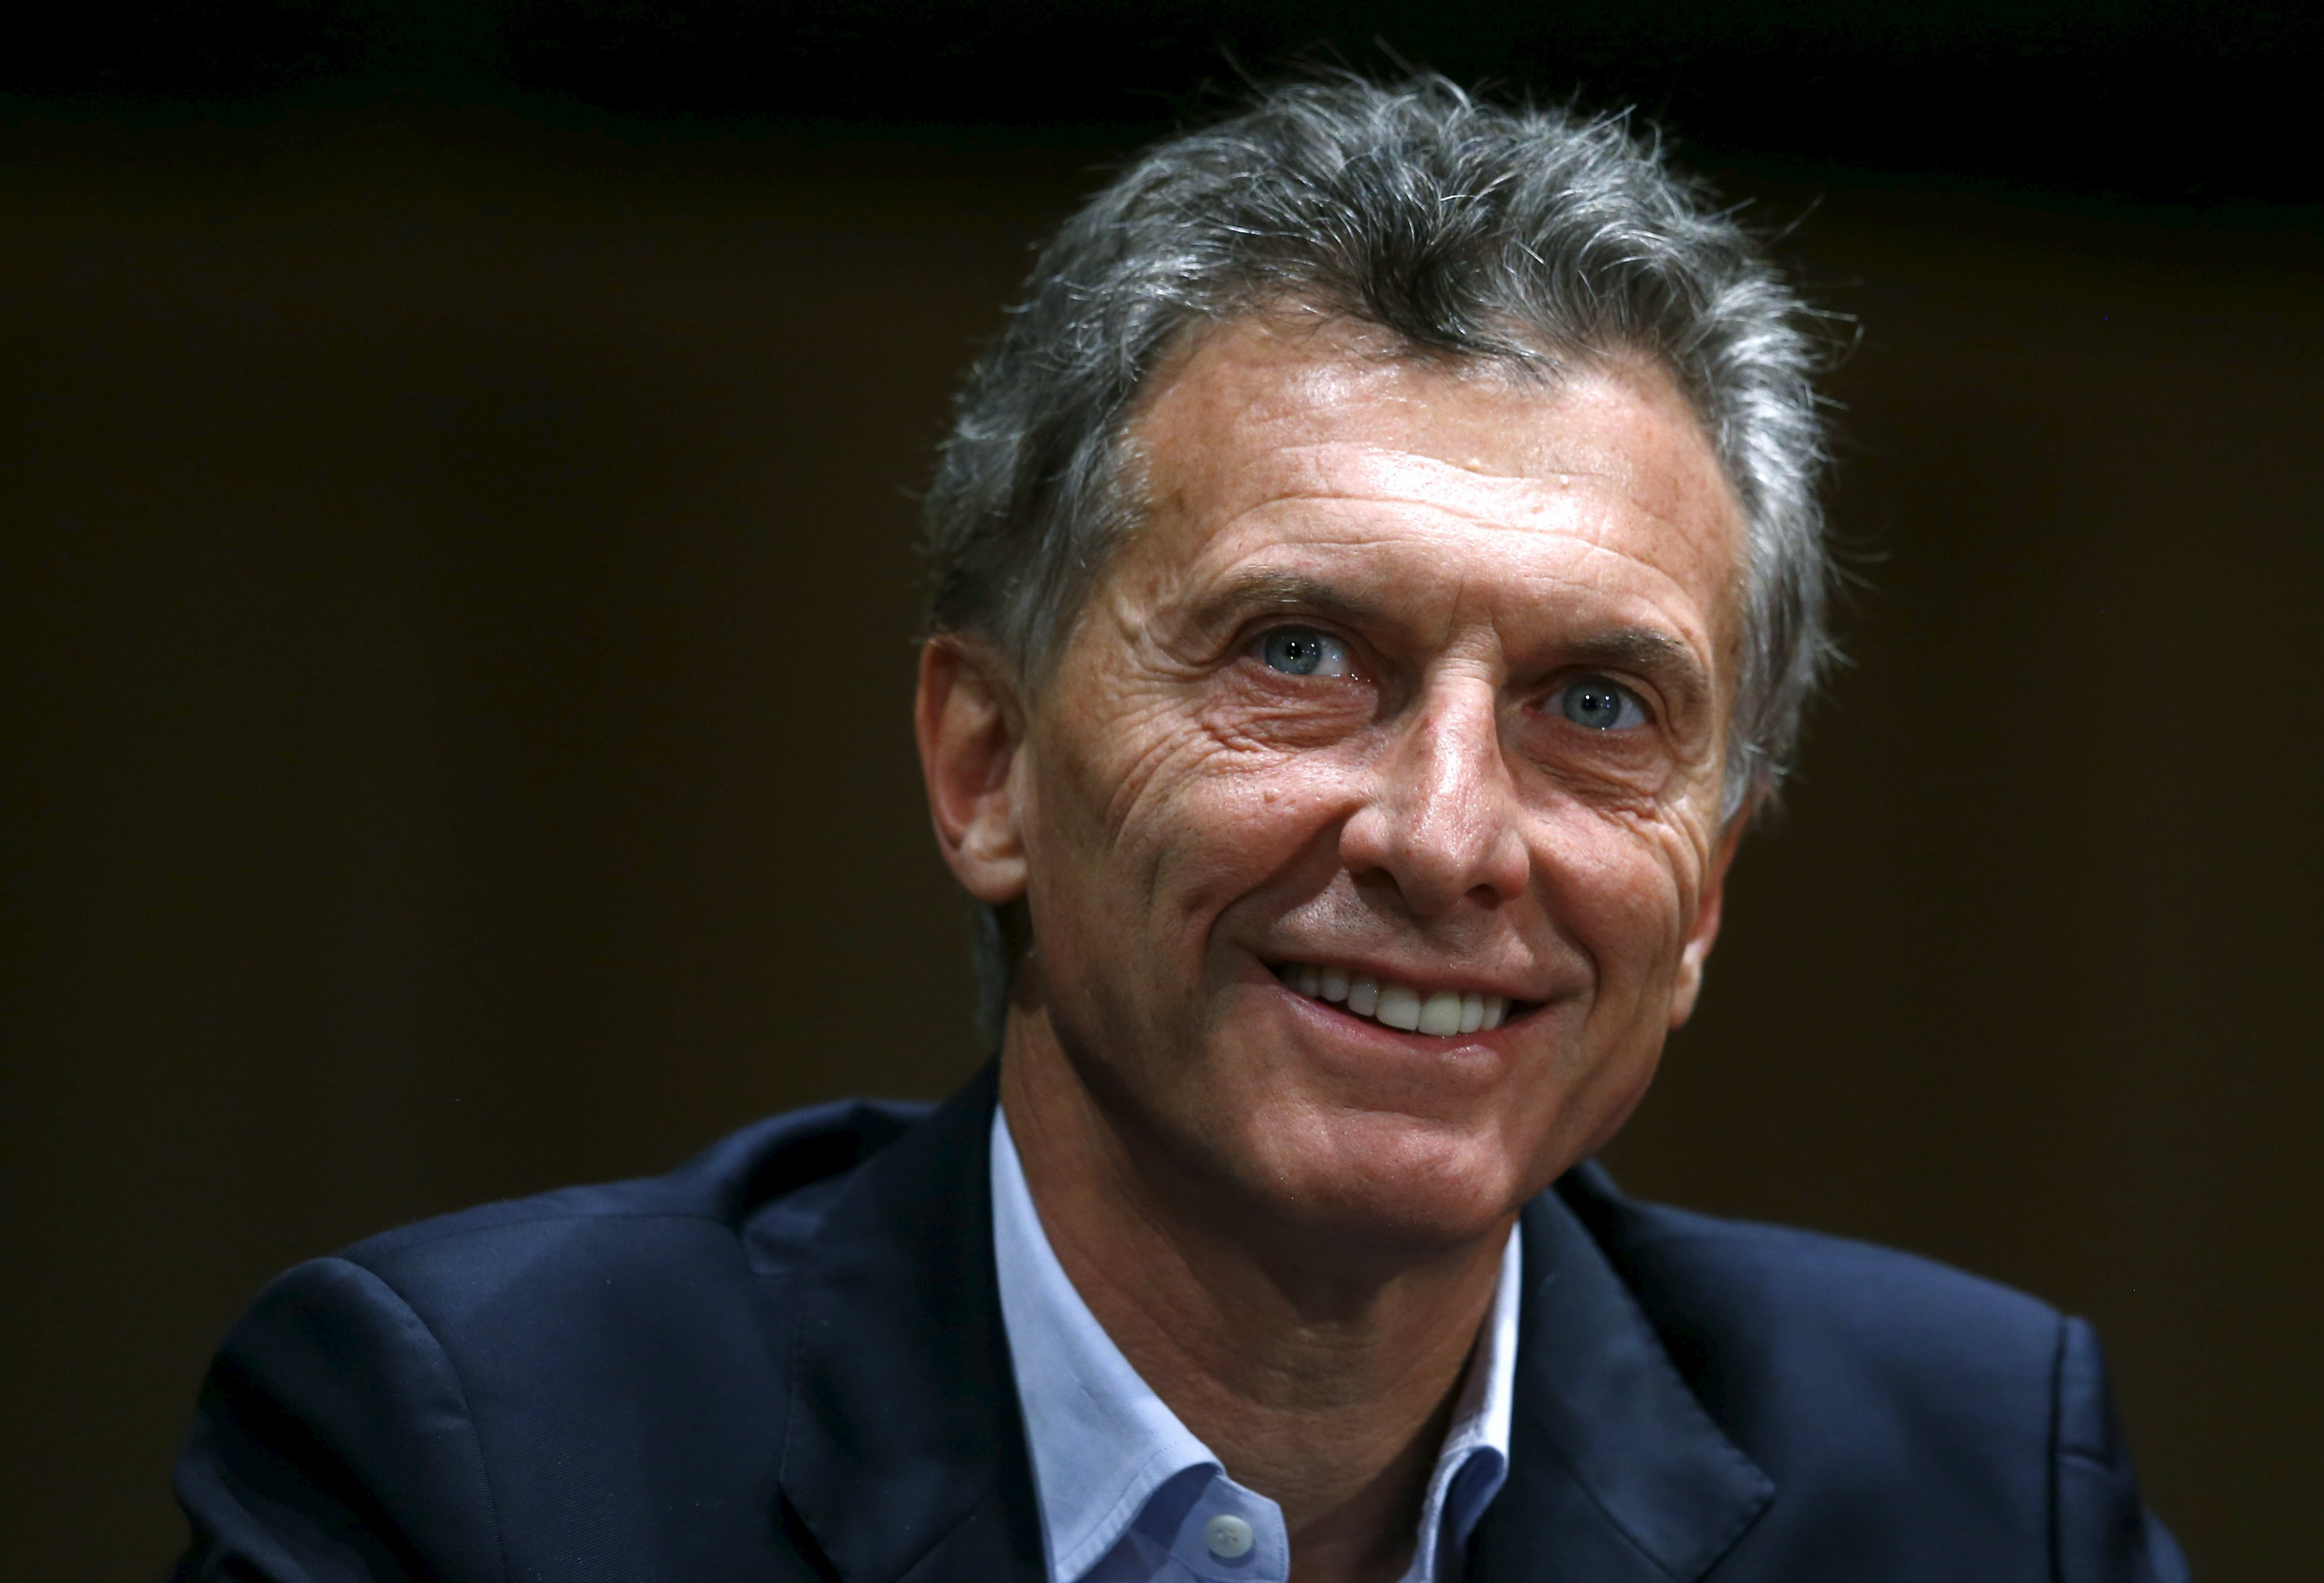 El presidente electo de Argentina, Mauricio Macri, durante una conferencia de prensa en Buenos Aires